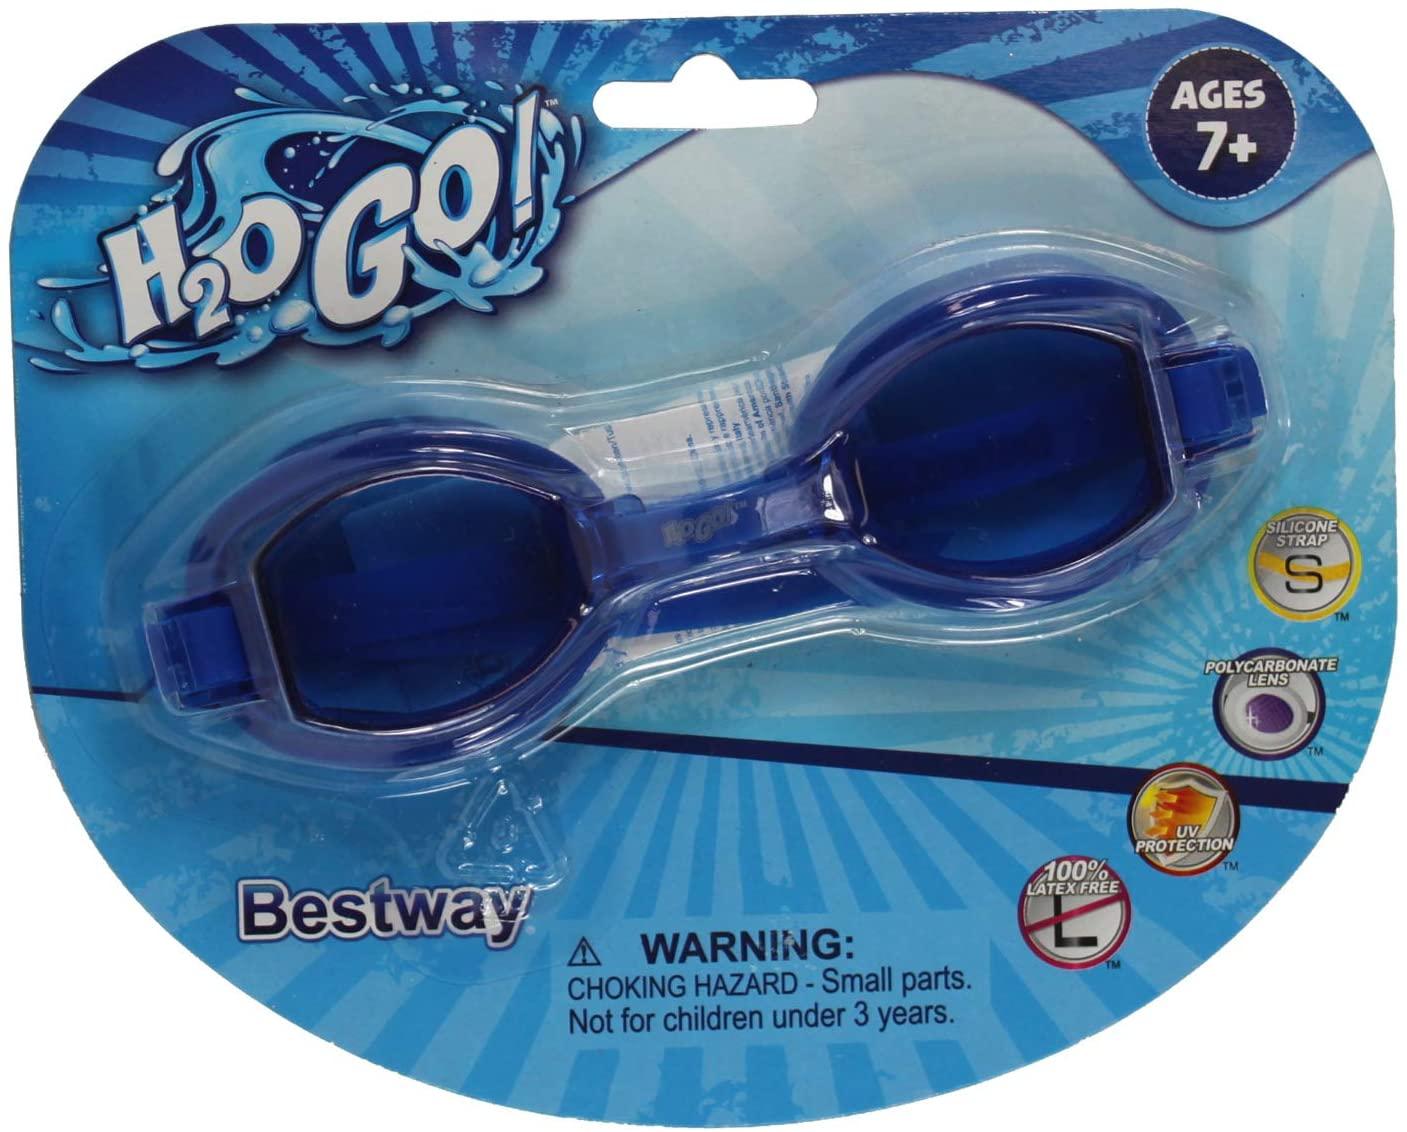 Dazzling Deals H2O Go Swim Goggles